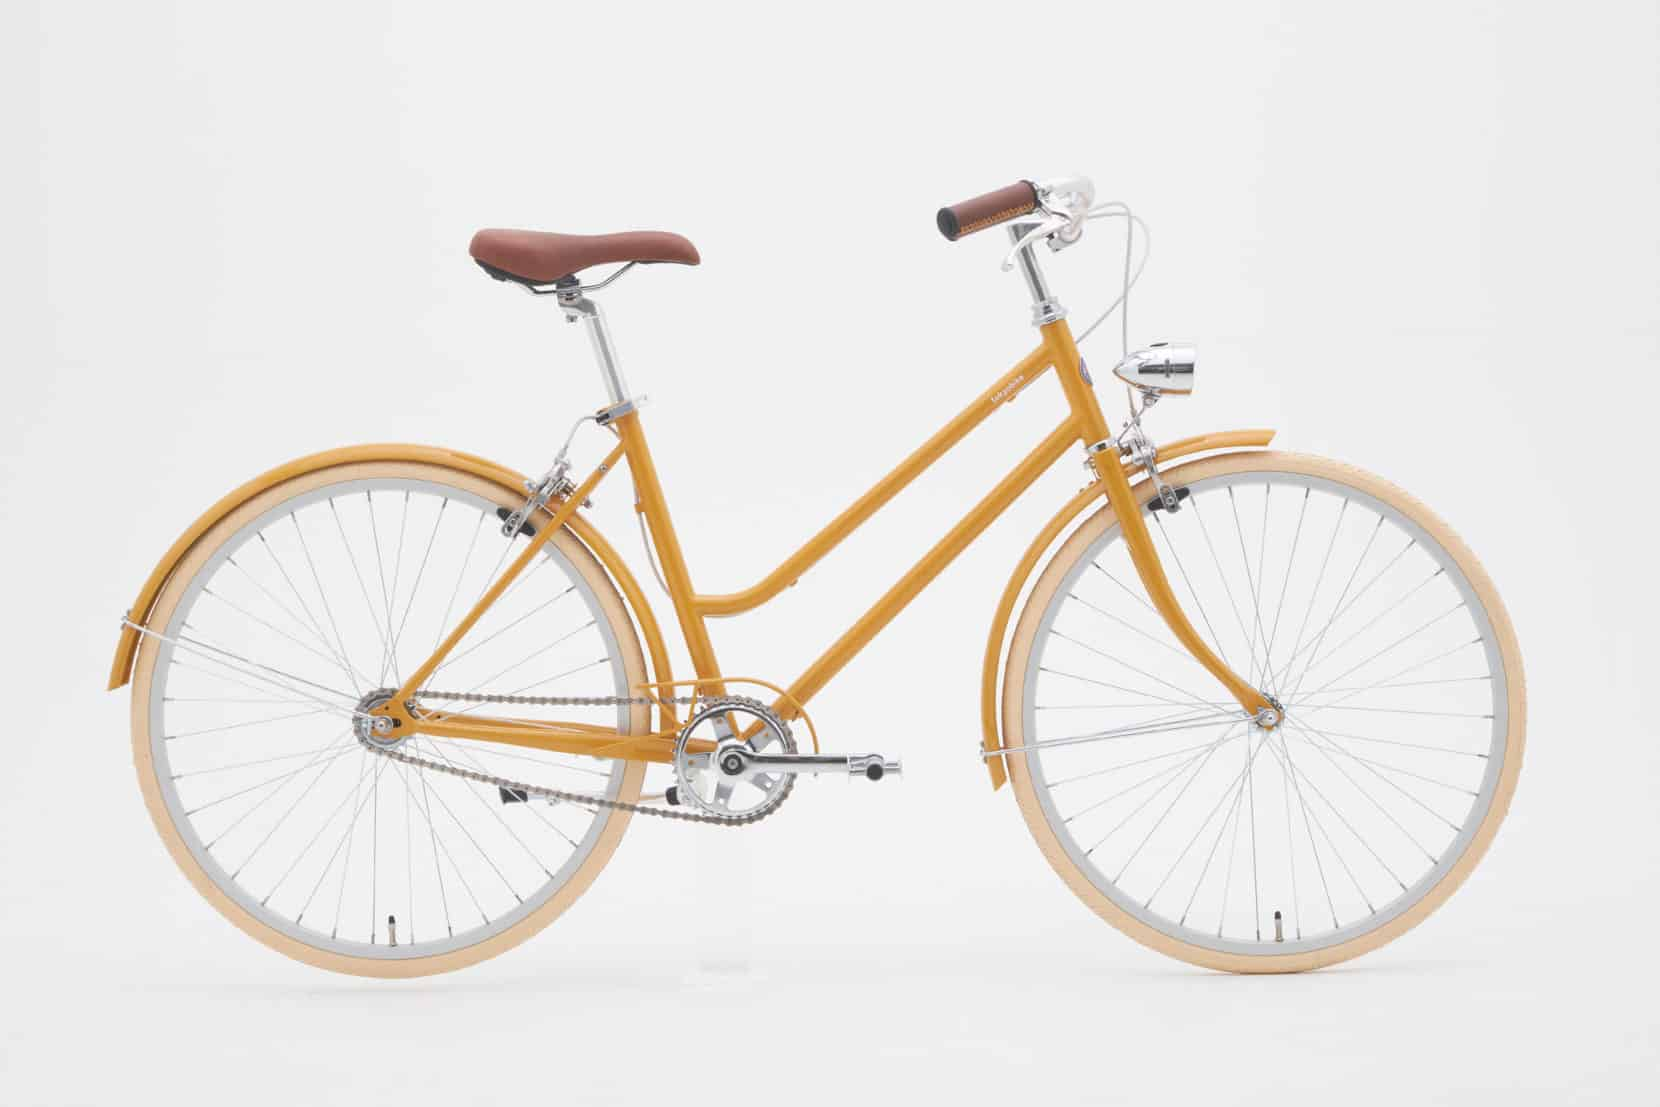 おしゃれな街乗り自転車TOKYOBIKE LITEは自転車通勤やサイクリングにおすすめです。